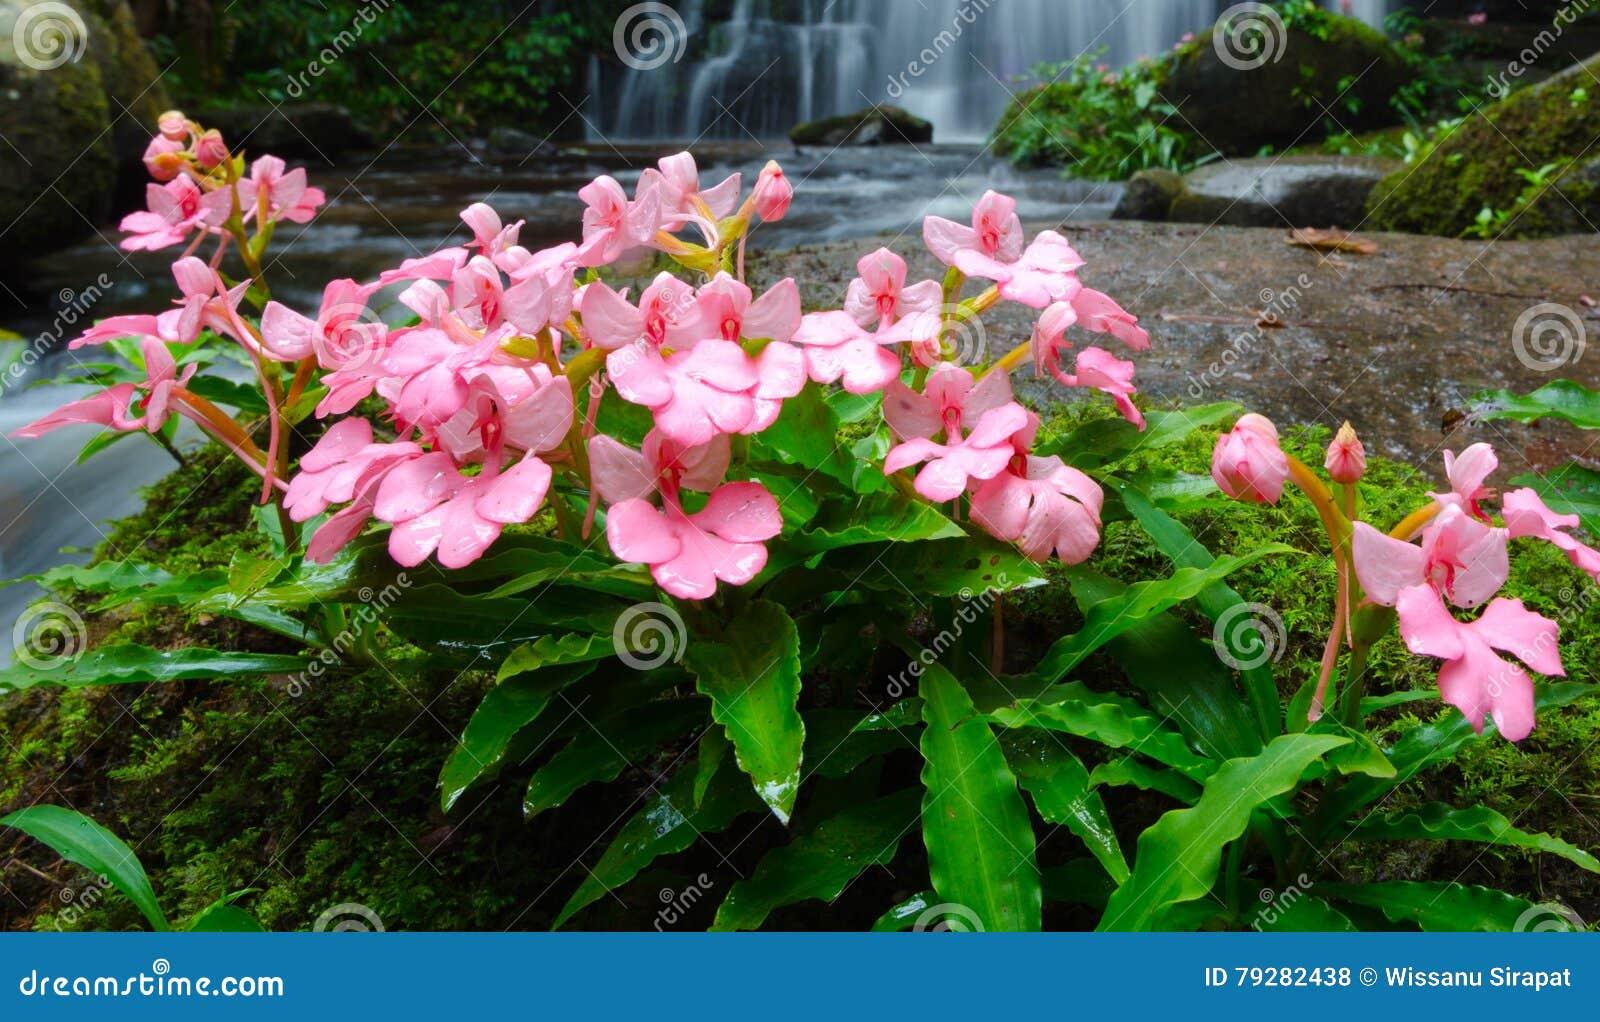 Fiori di bocca di leone e fiori rosa fotografia stock for Bocca di leone in vaso